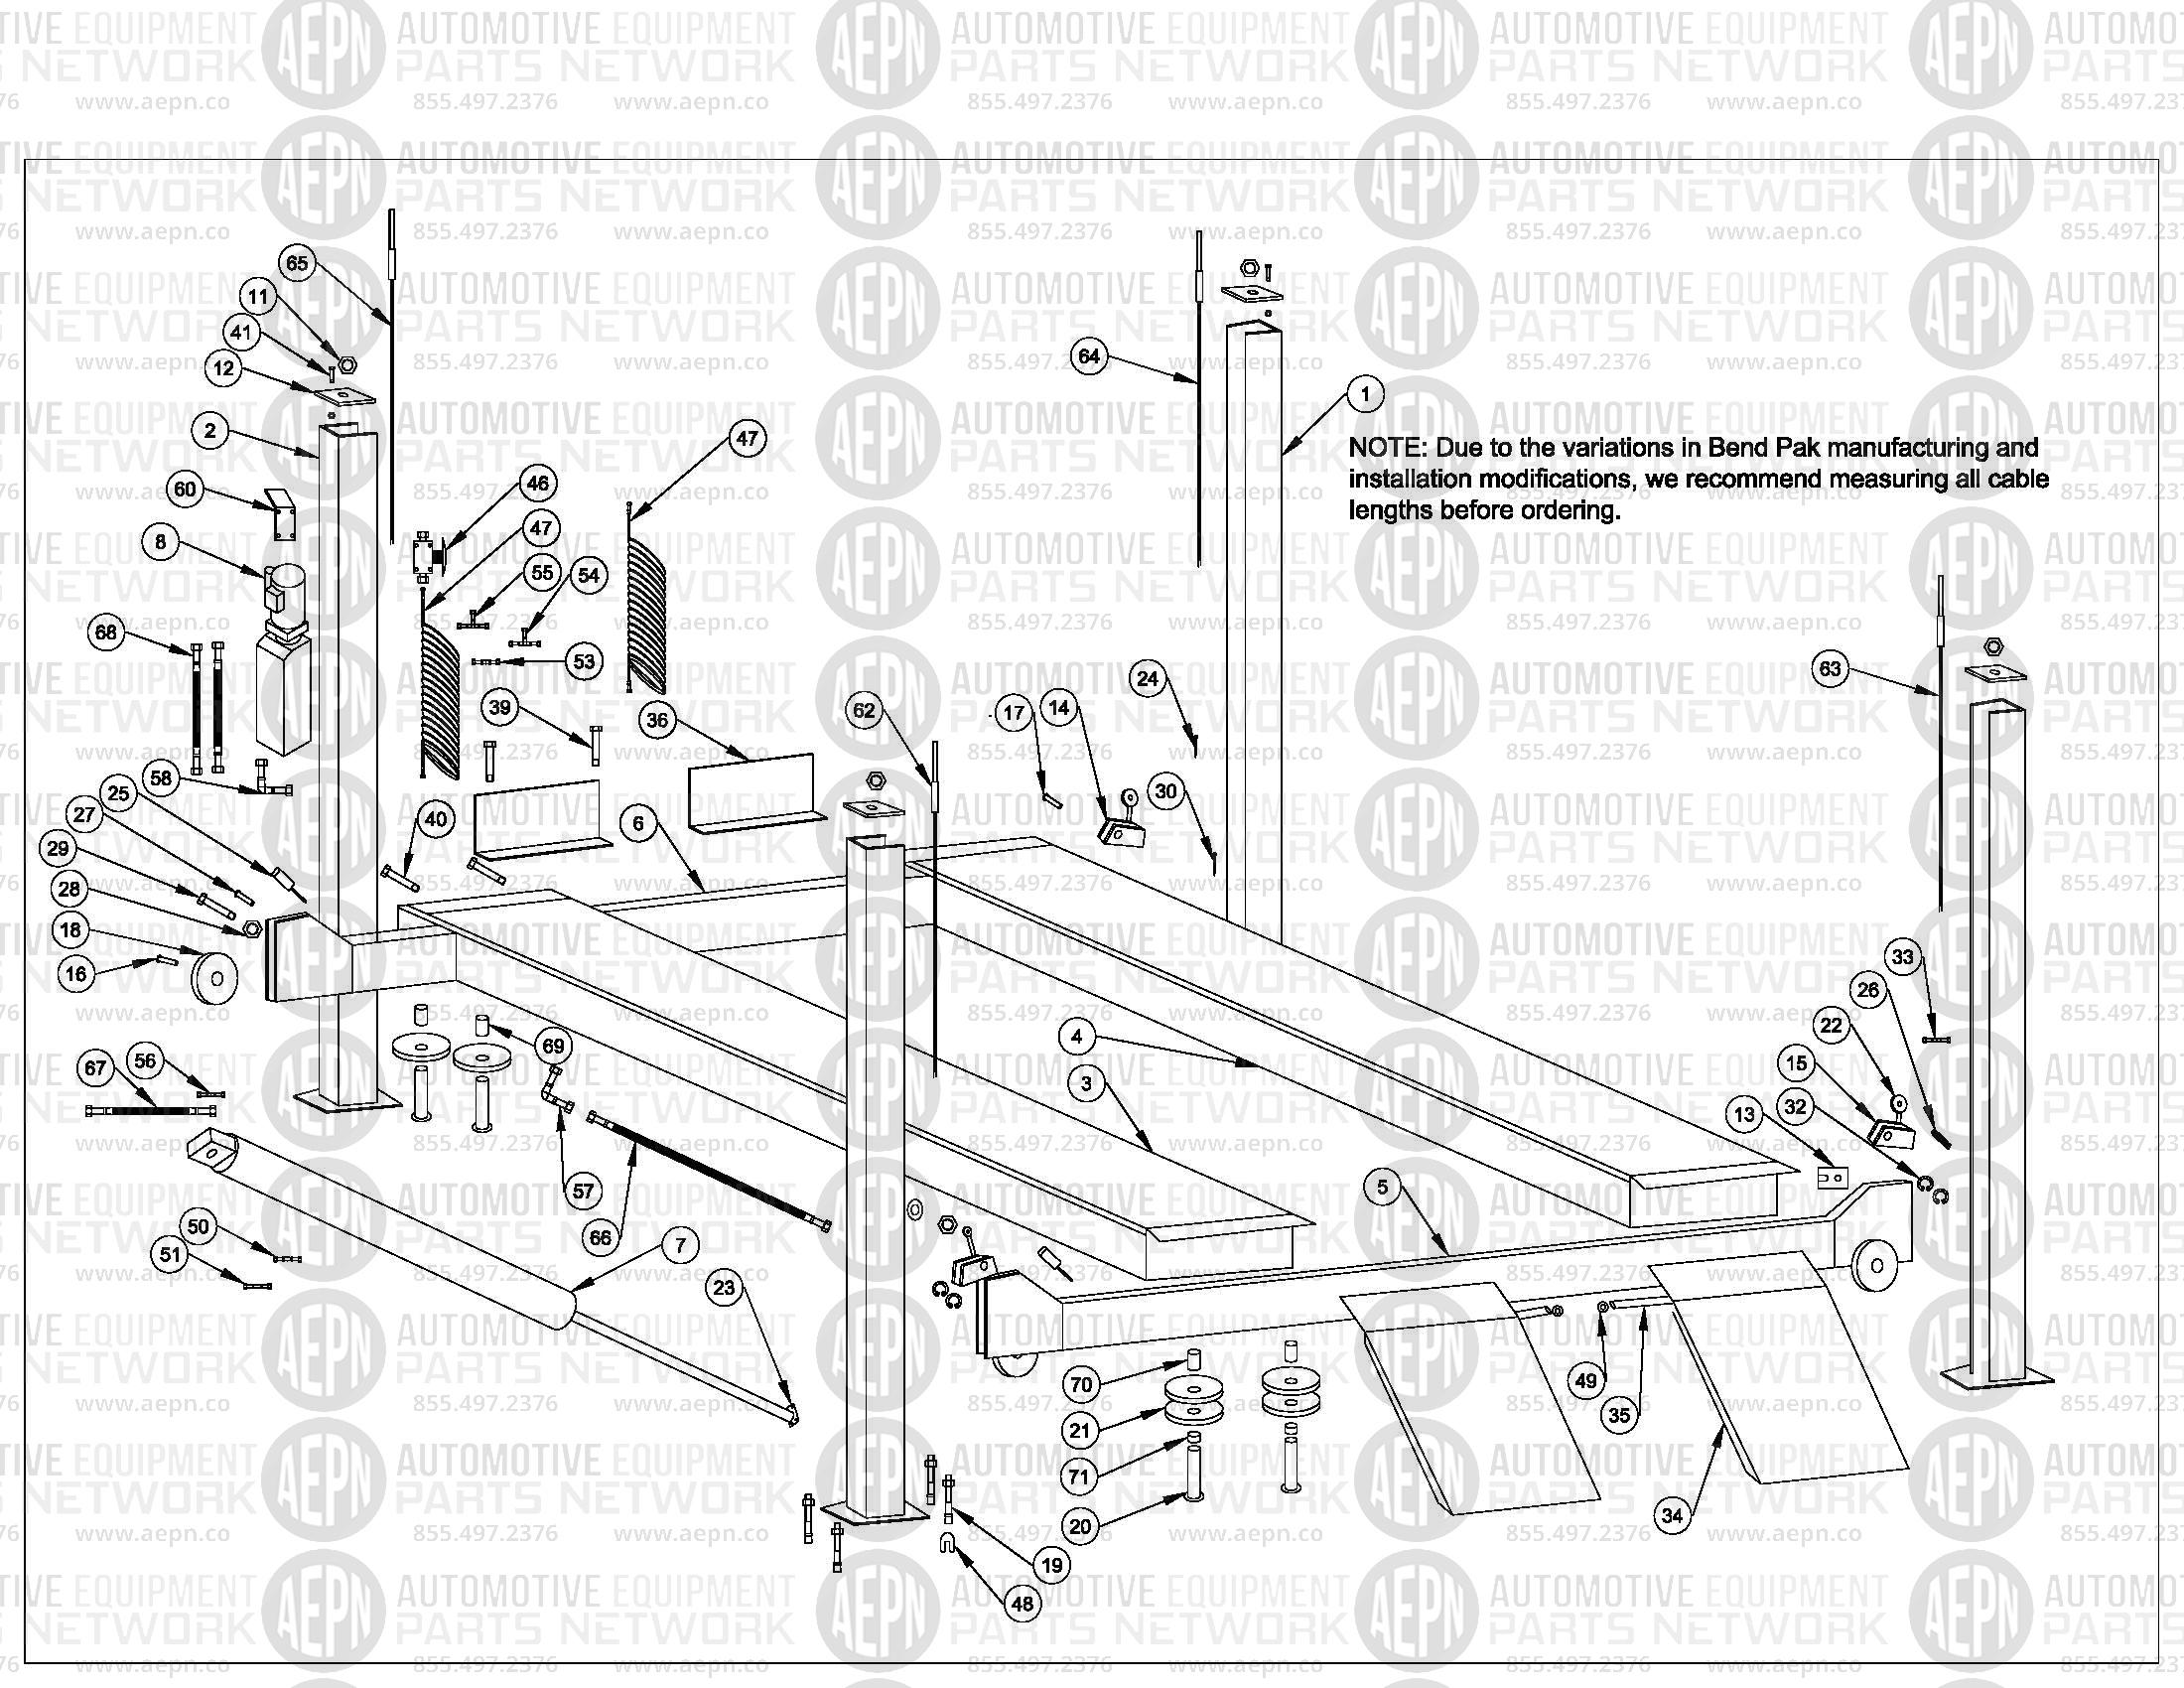 Bend Pak Hd12 Parts Breakdown